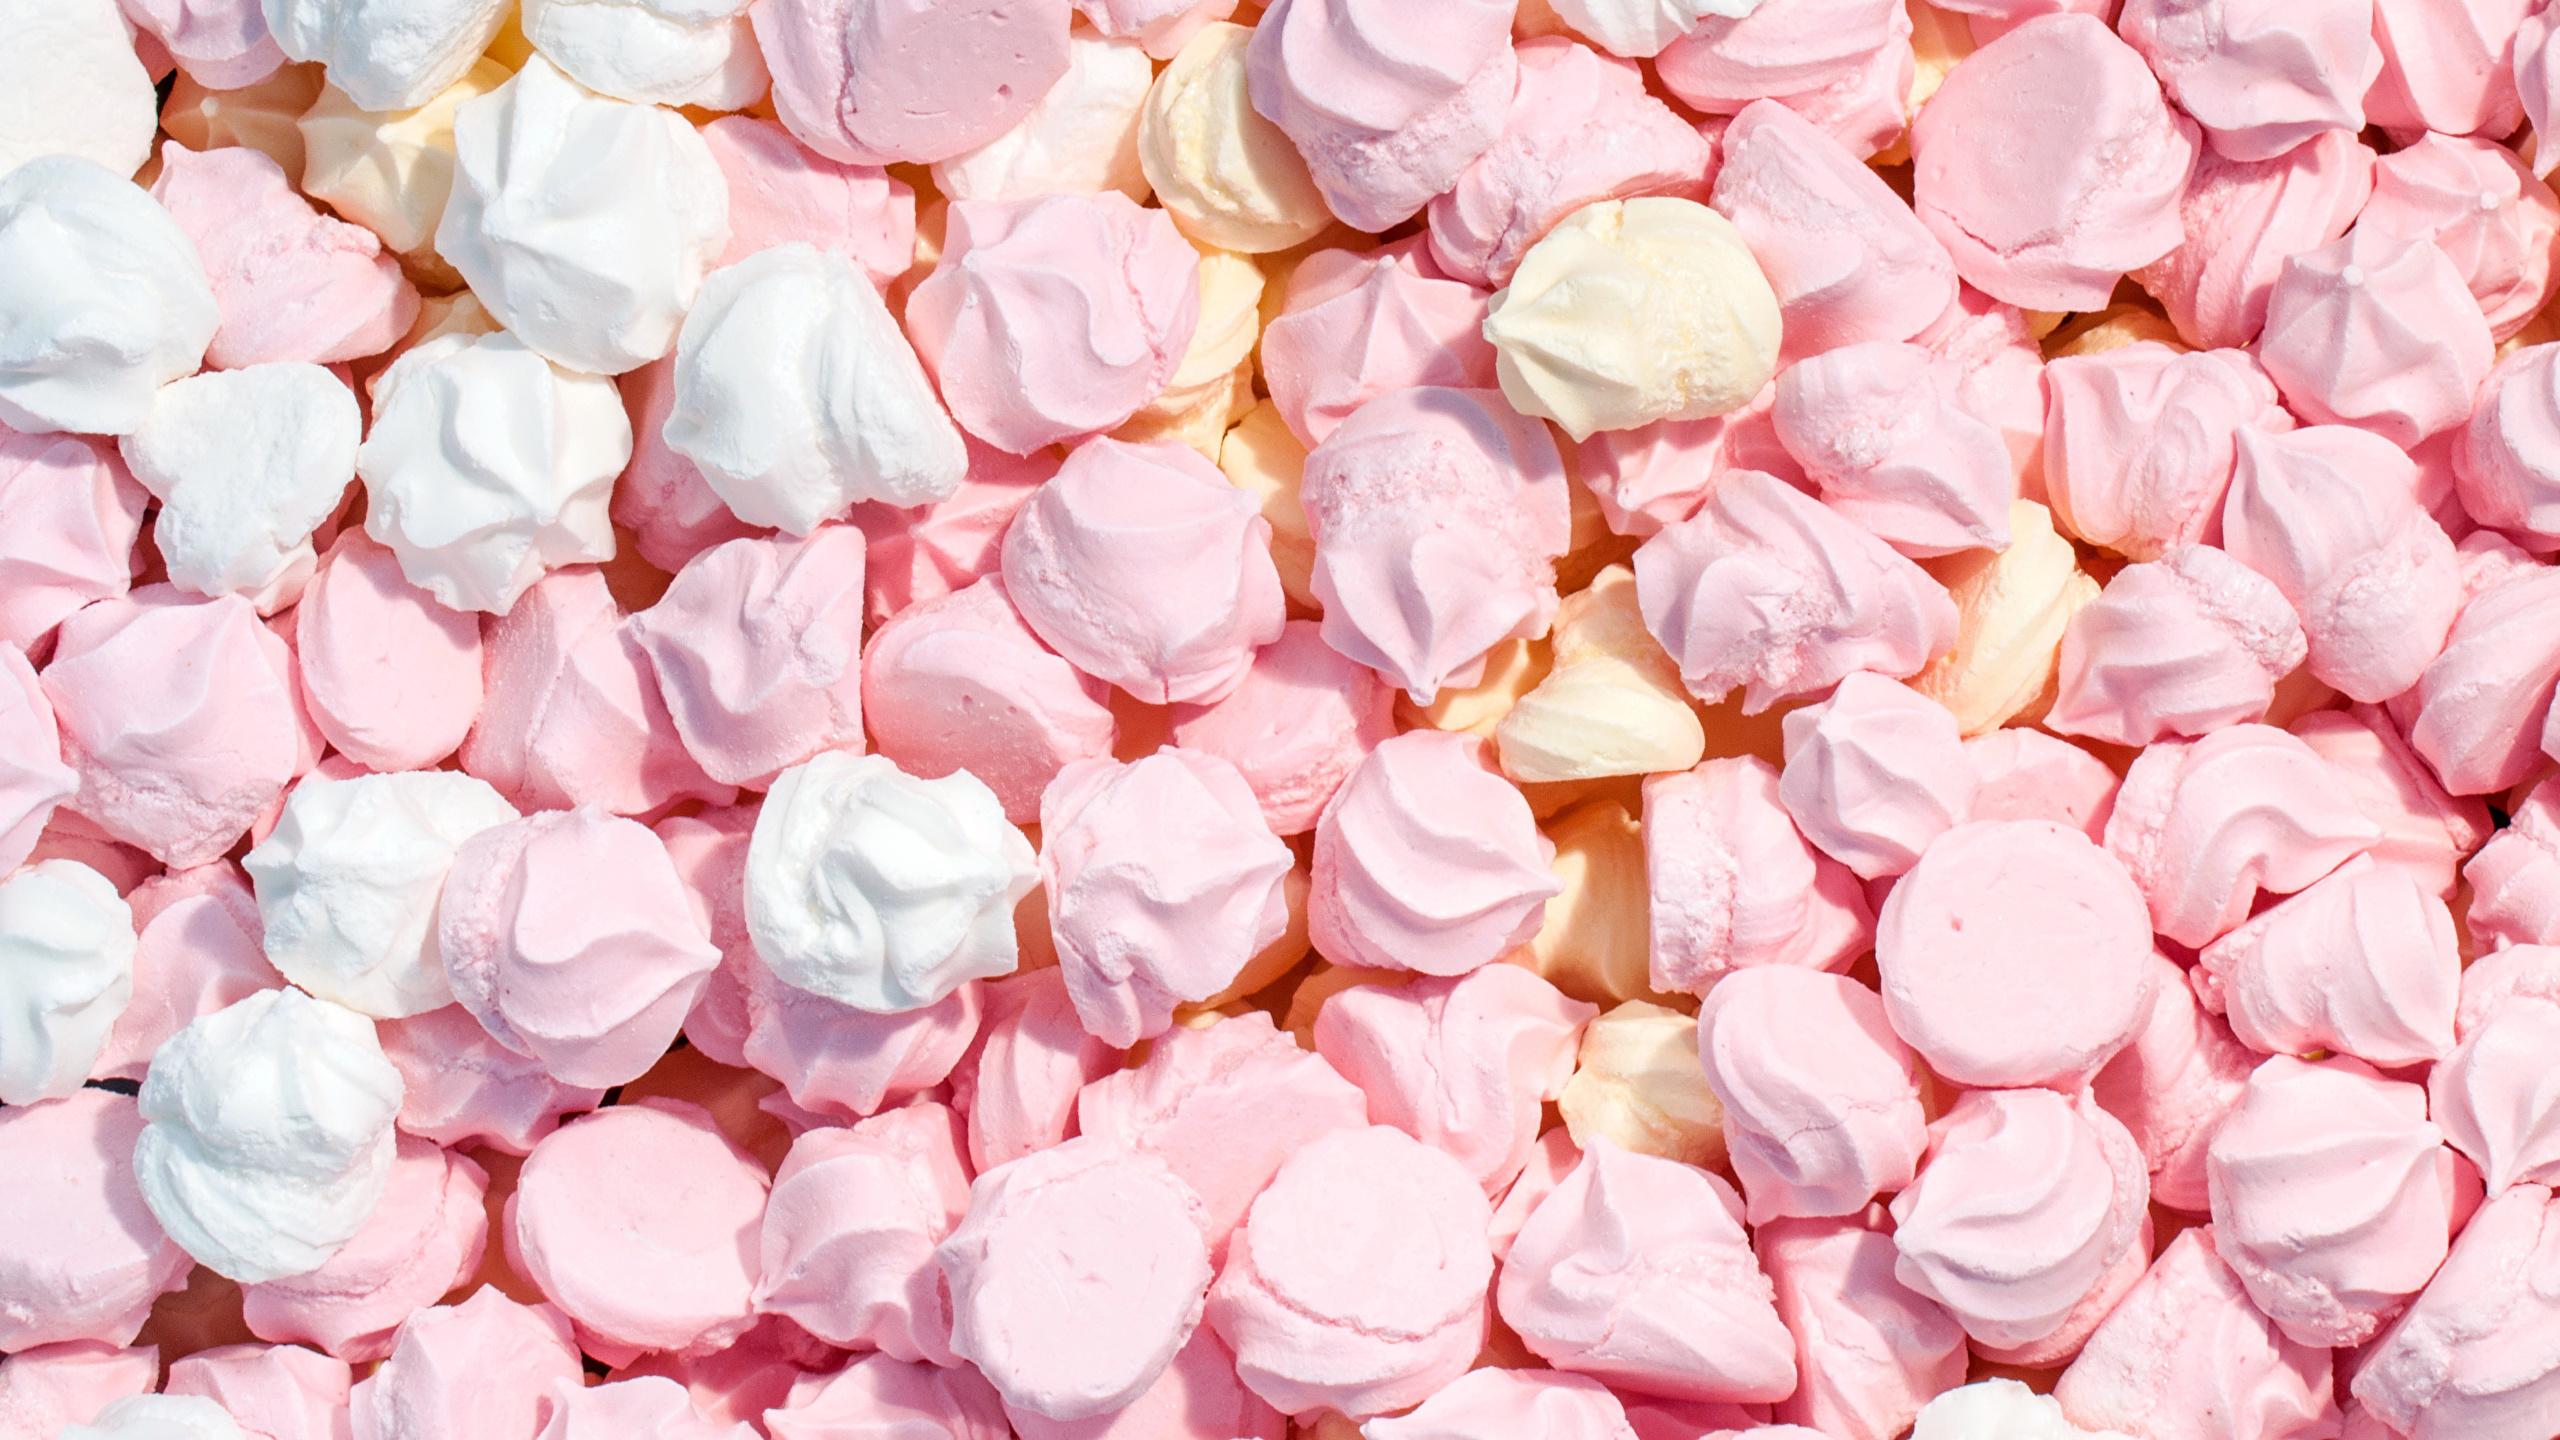 Картинка Beze Продукты питания Много сладкая еда 2560x1440 Еда Пища Сладости